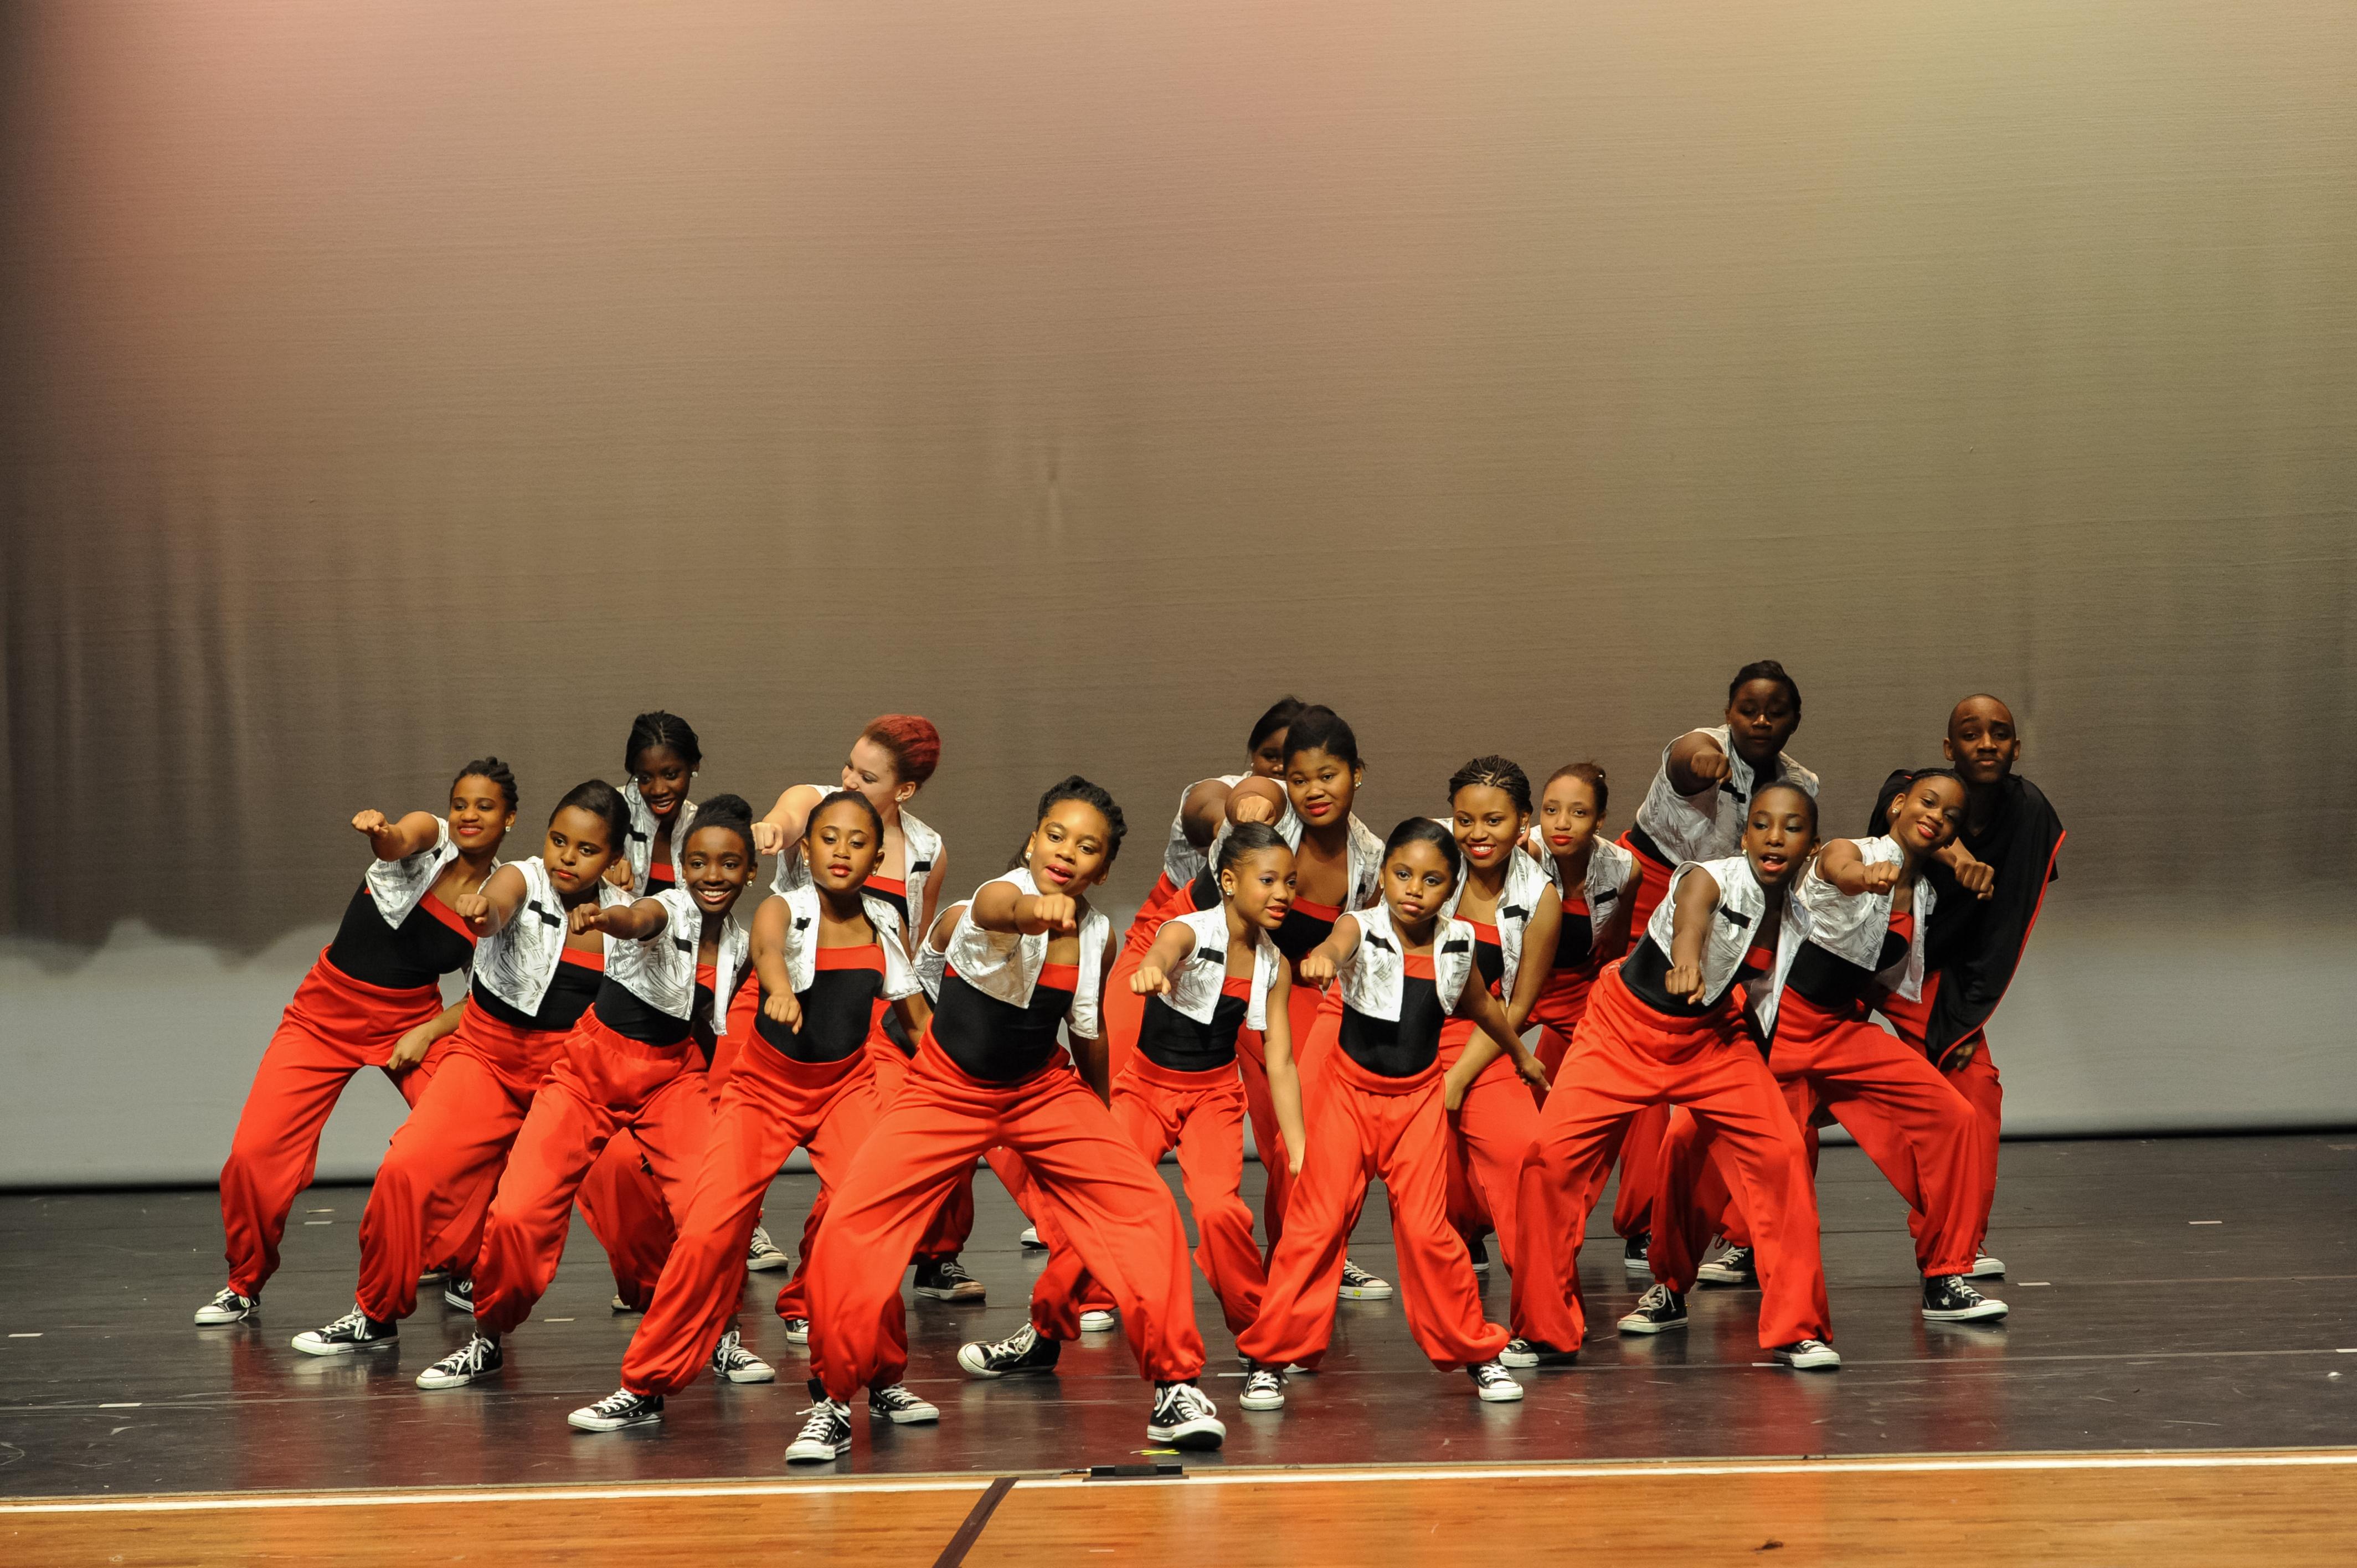 Yo Mtv Raps!